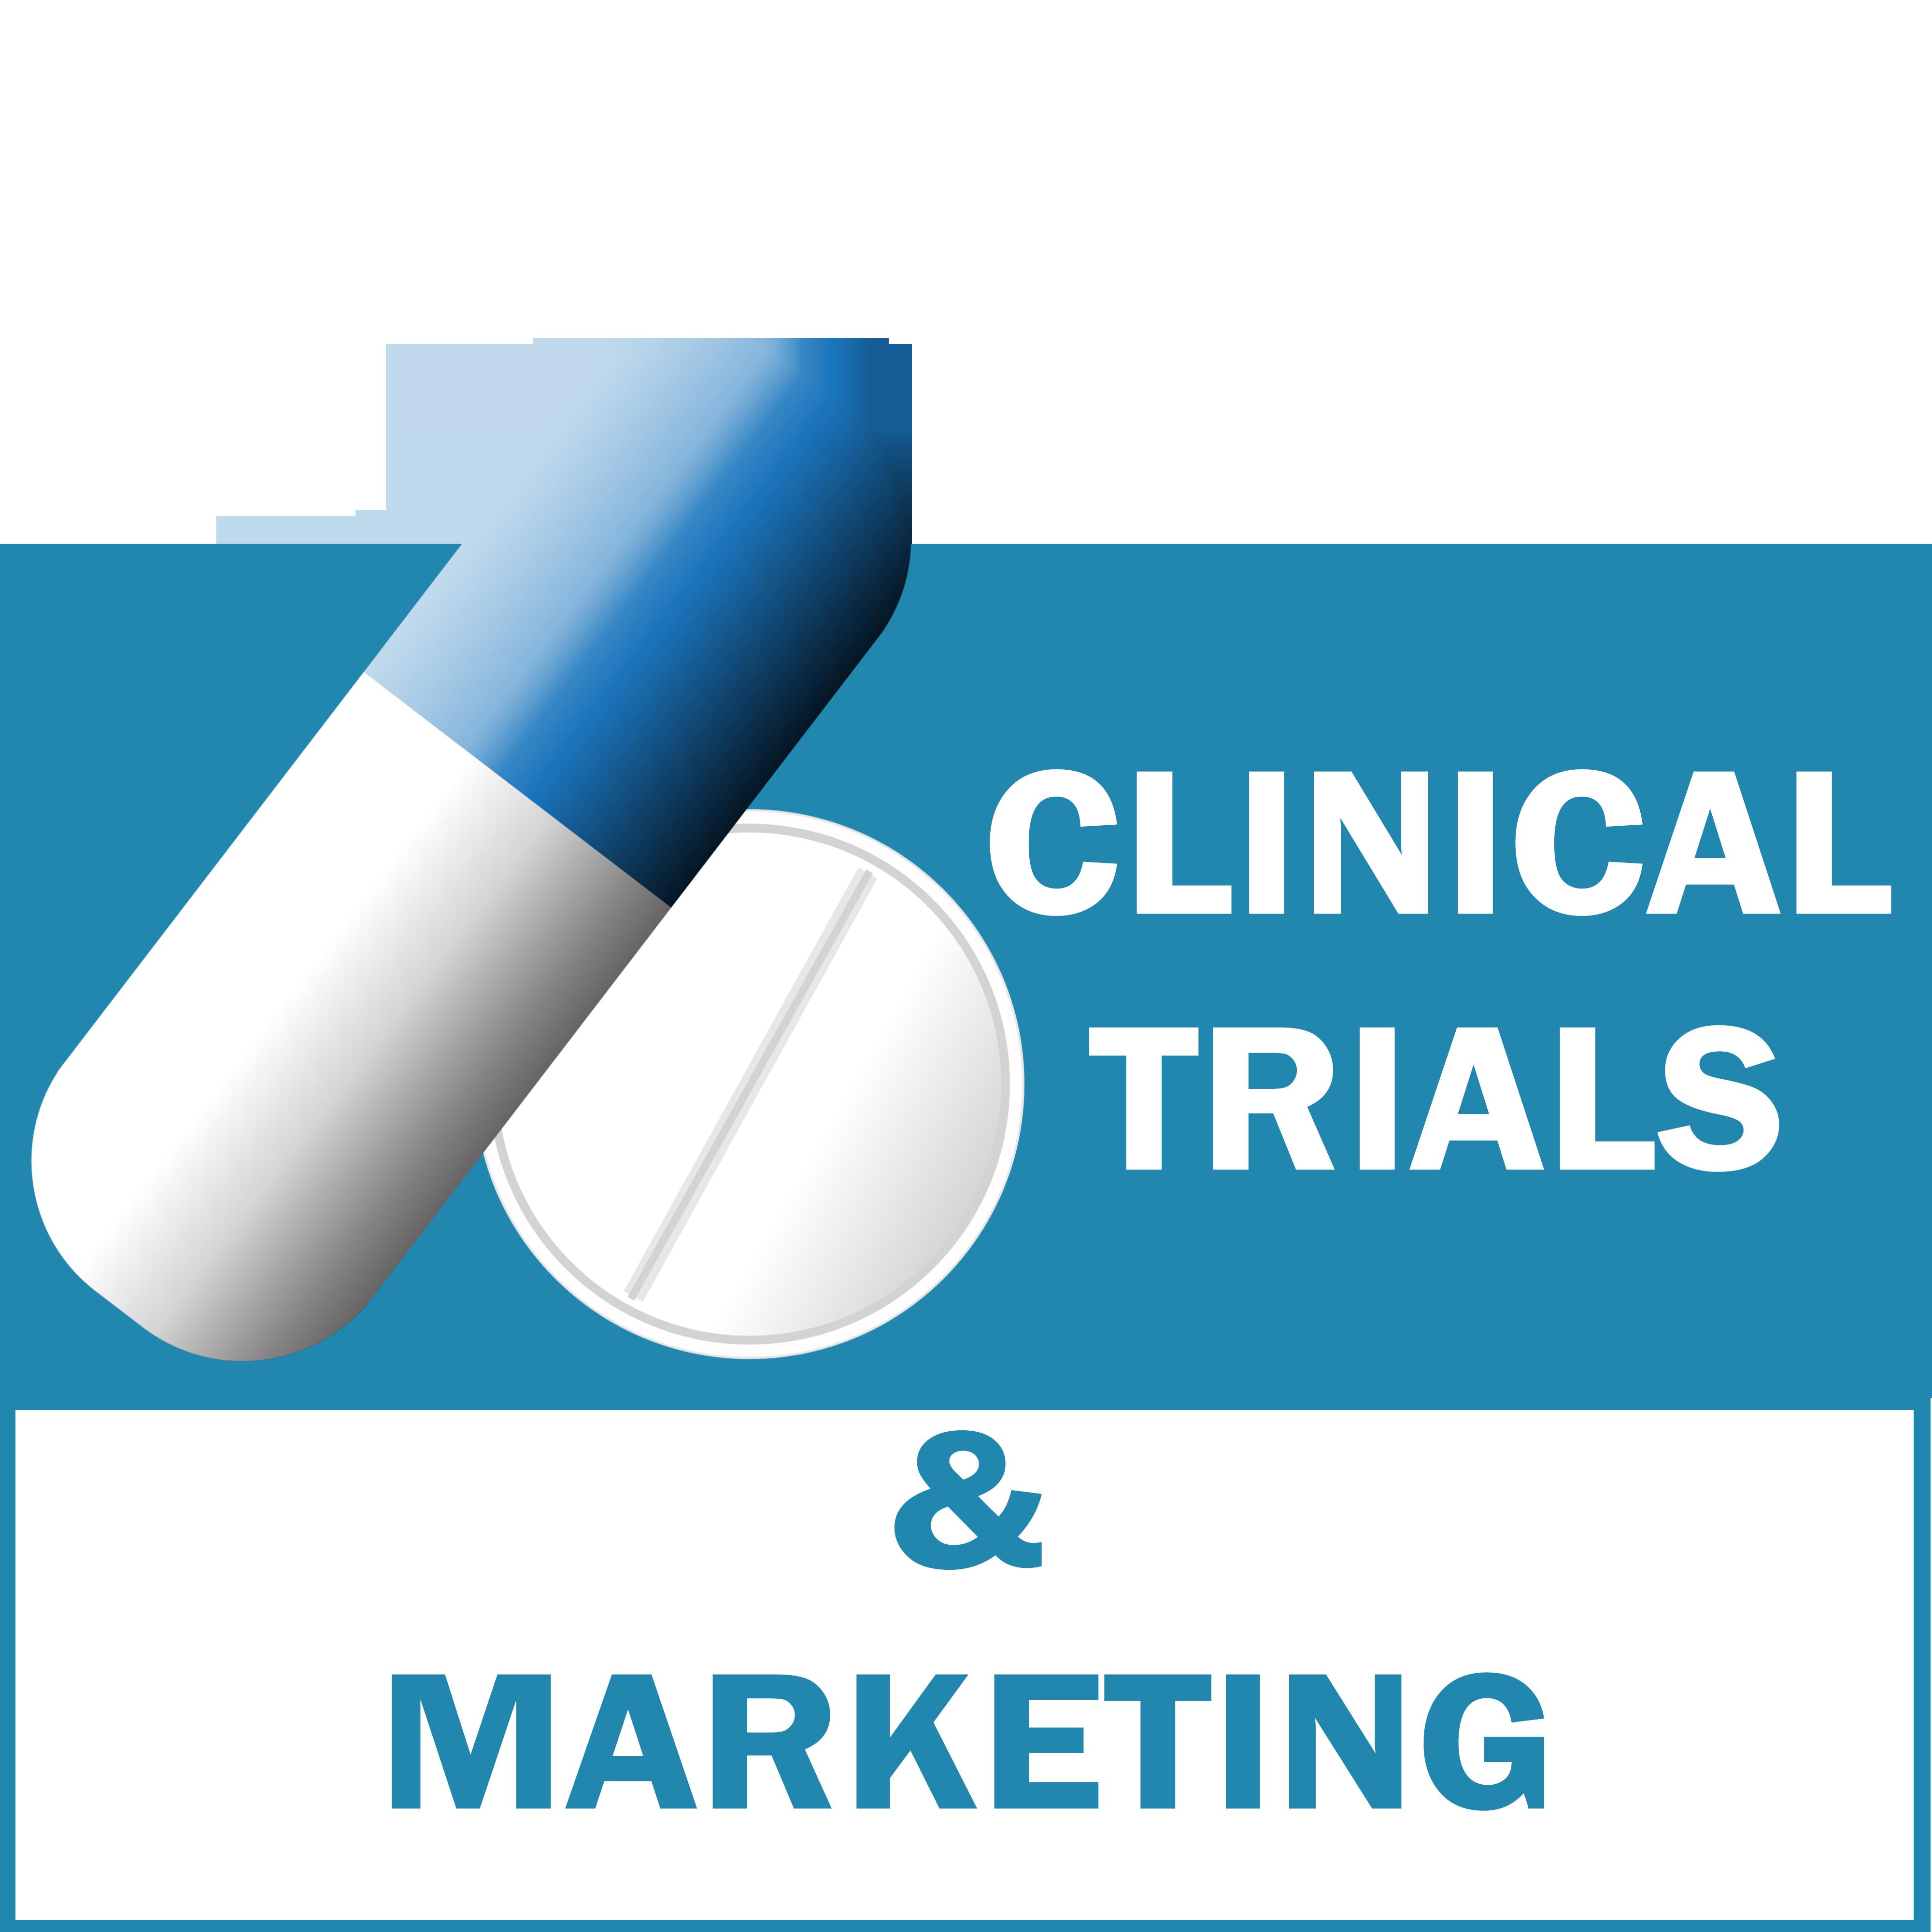 Интерпретация клинических исследований в маркетинге